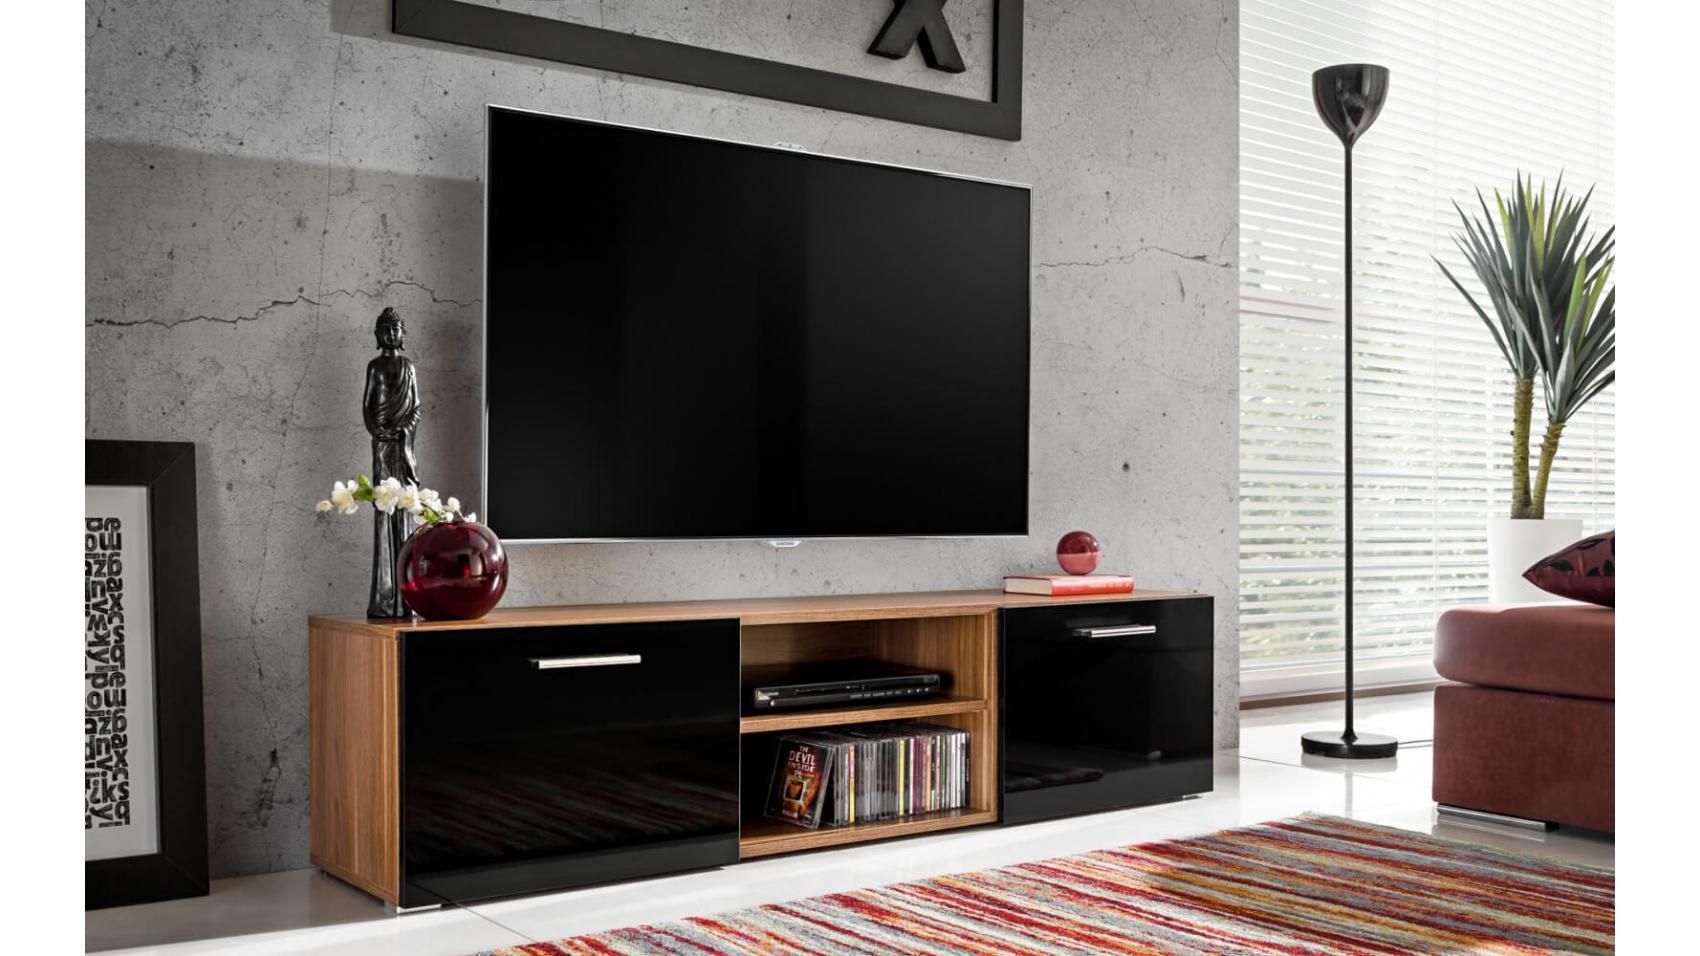 Remo - nowoczesne tanie szafki RTV